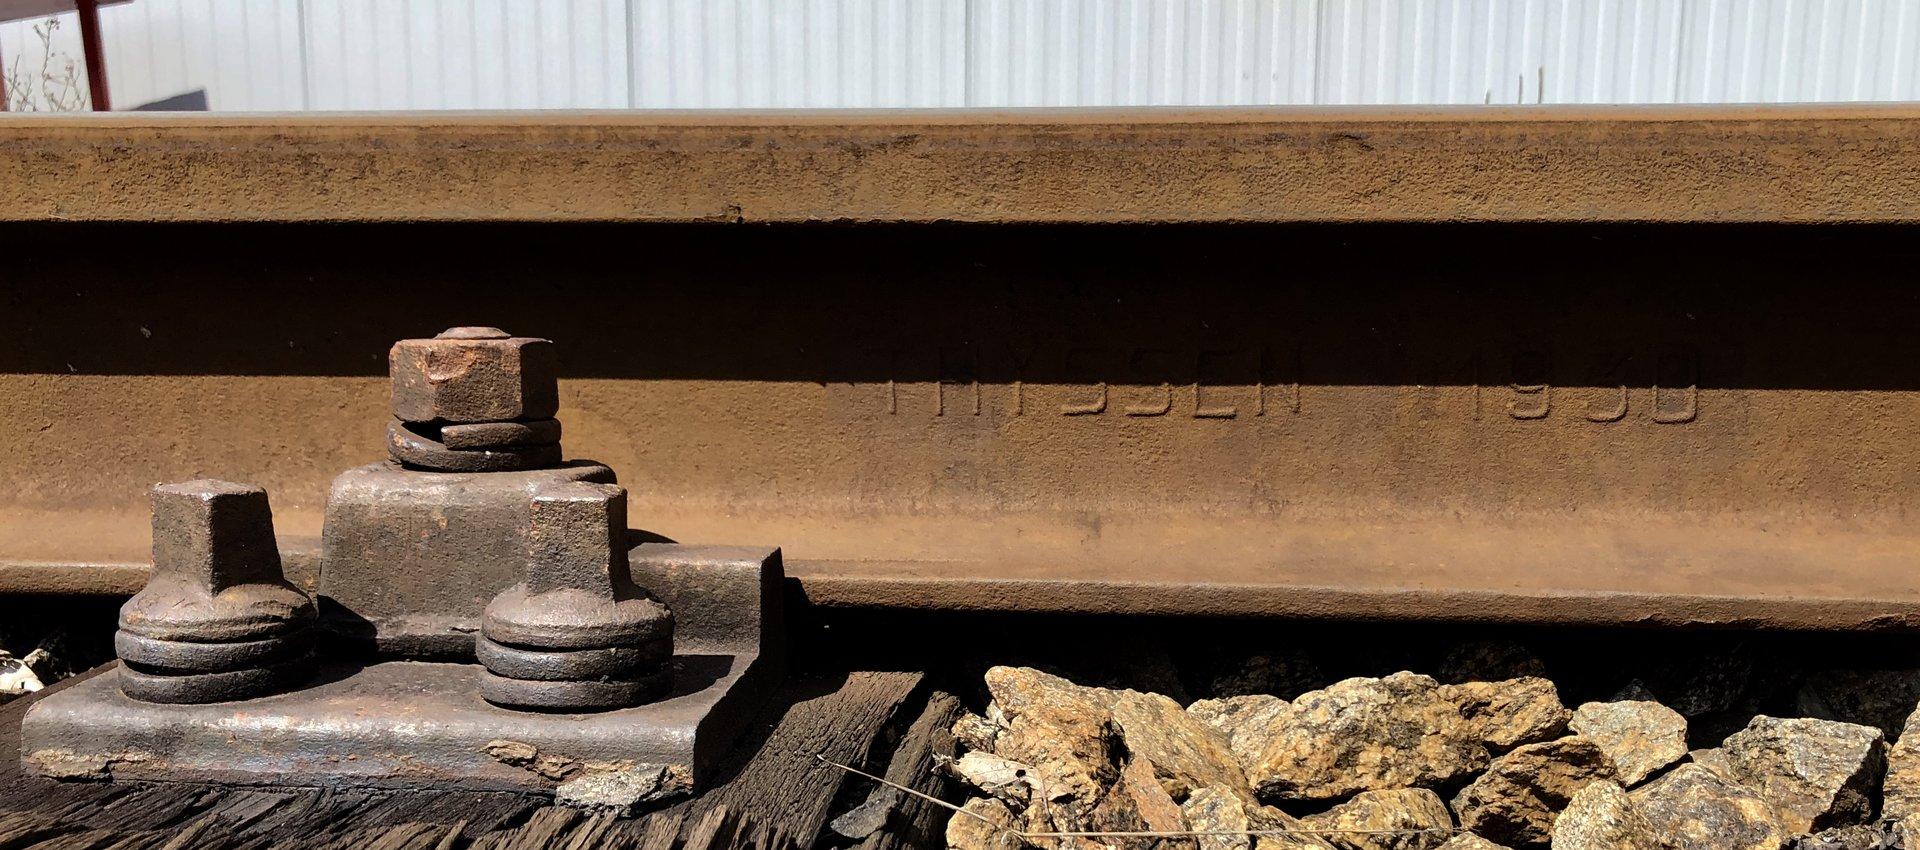 ED3E6D22-1A2F-47C1-B2F5-29B43410EBEA.jpeg